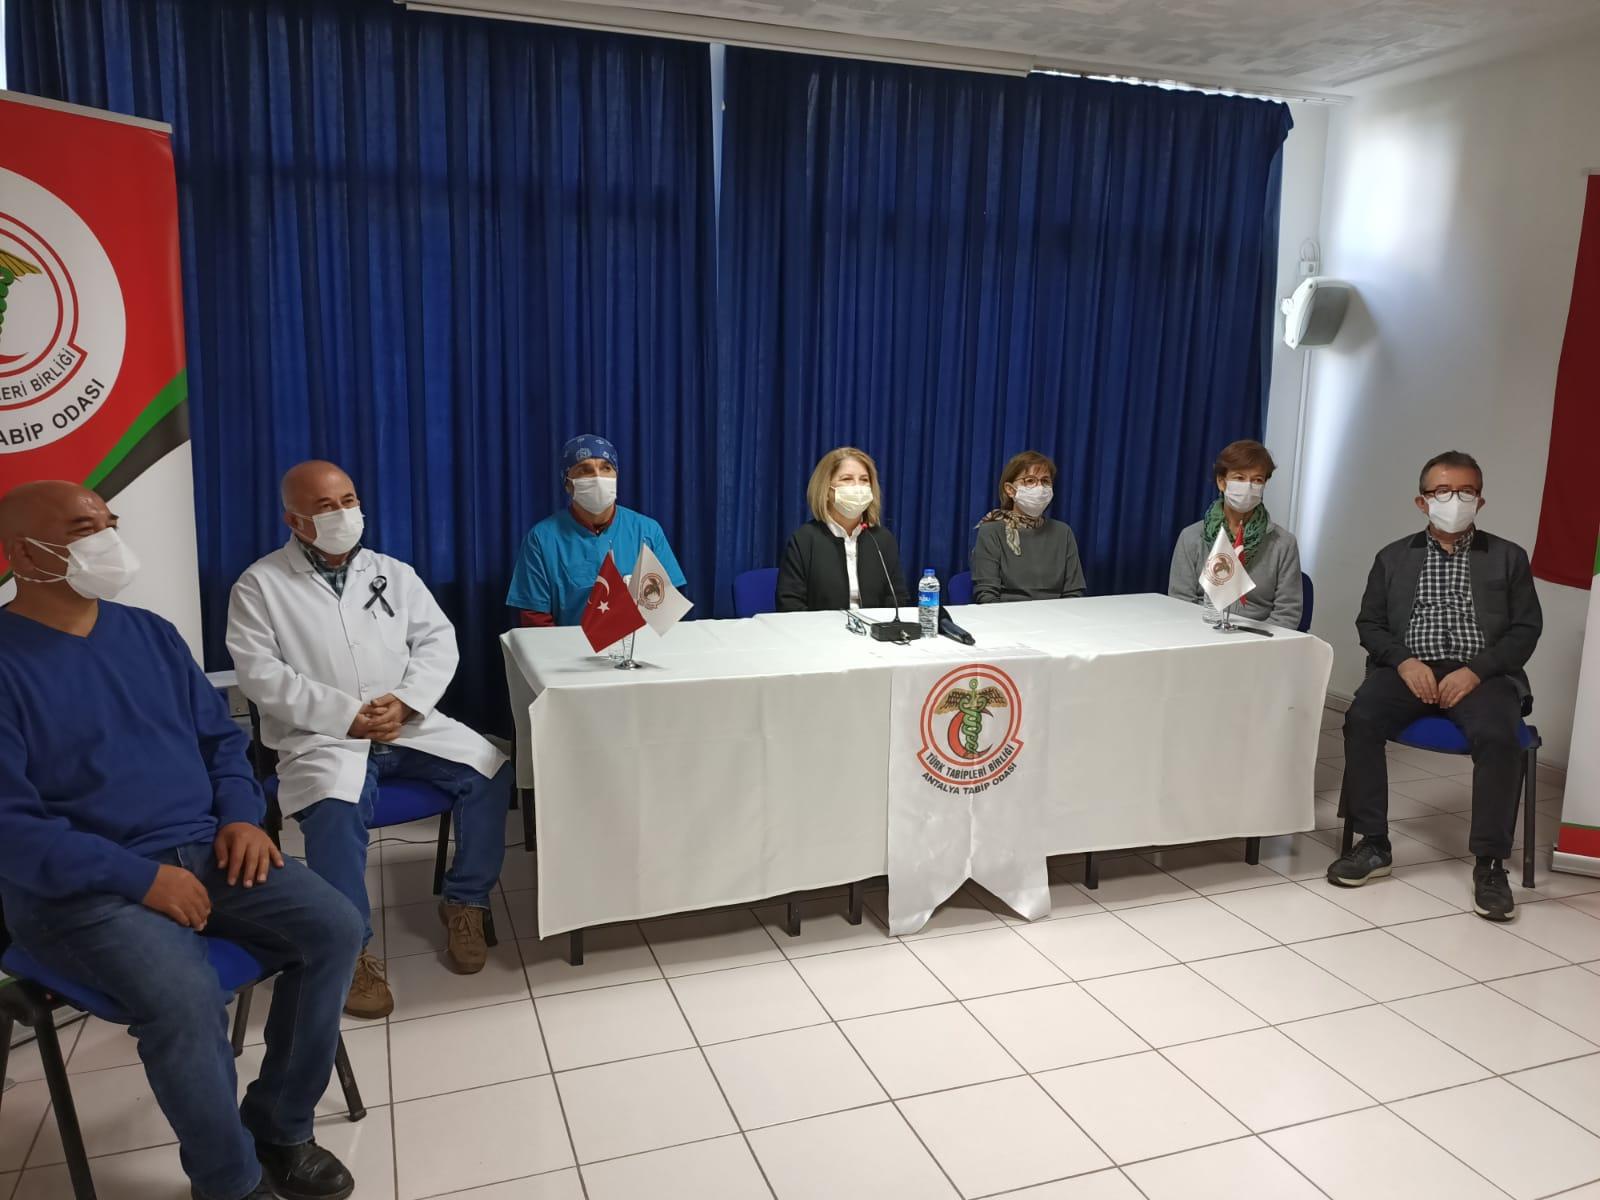 Şubemiz ve Tabip Odası Antalya'da Pandeminin Seyrine Dikkat Çekerek, Çözüm Önerilerini Sundu